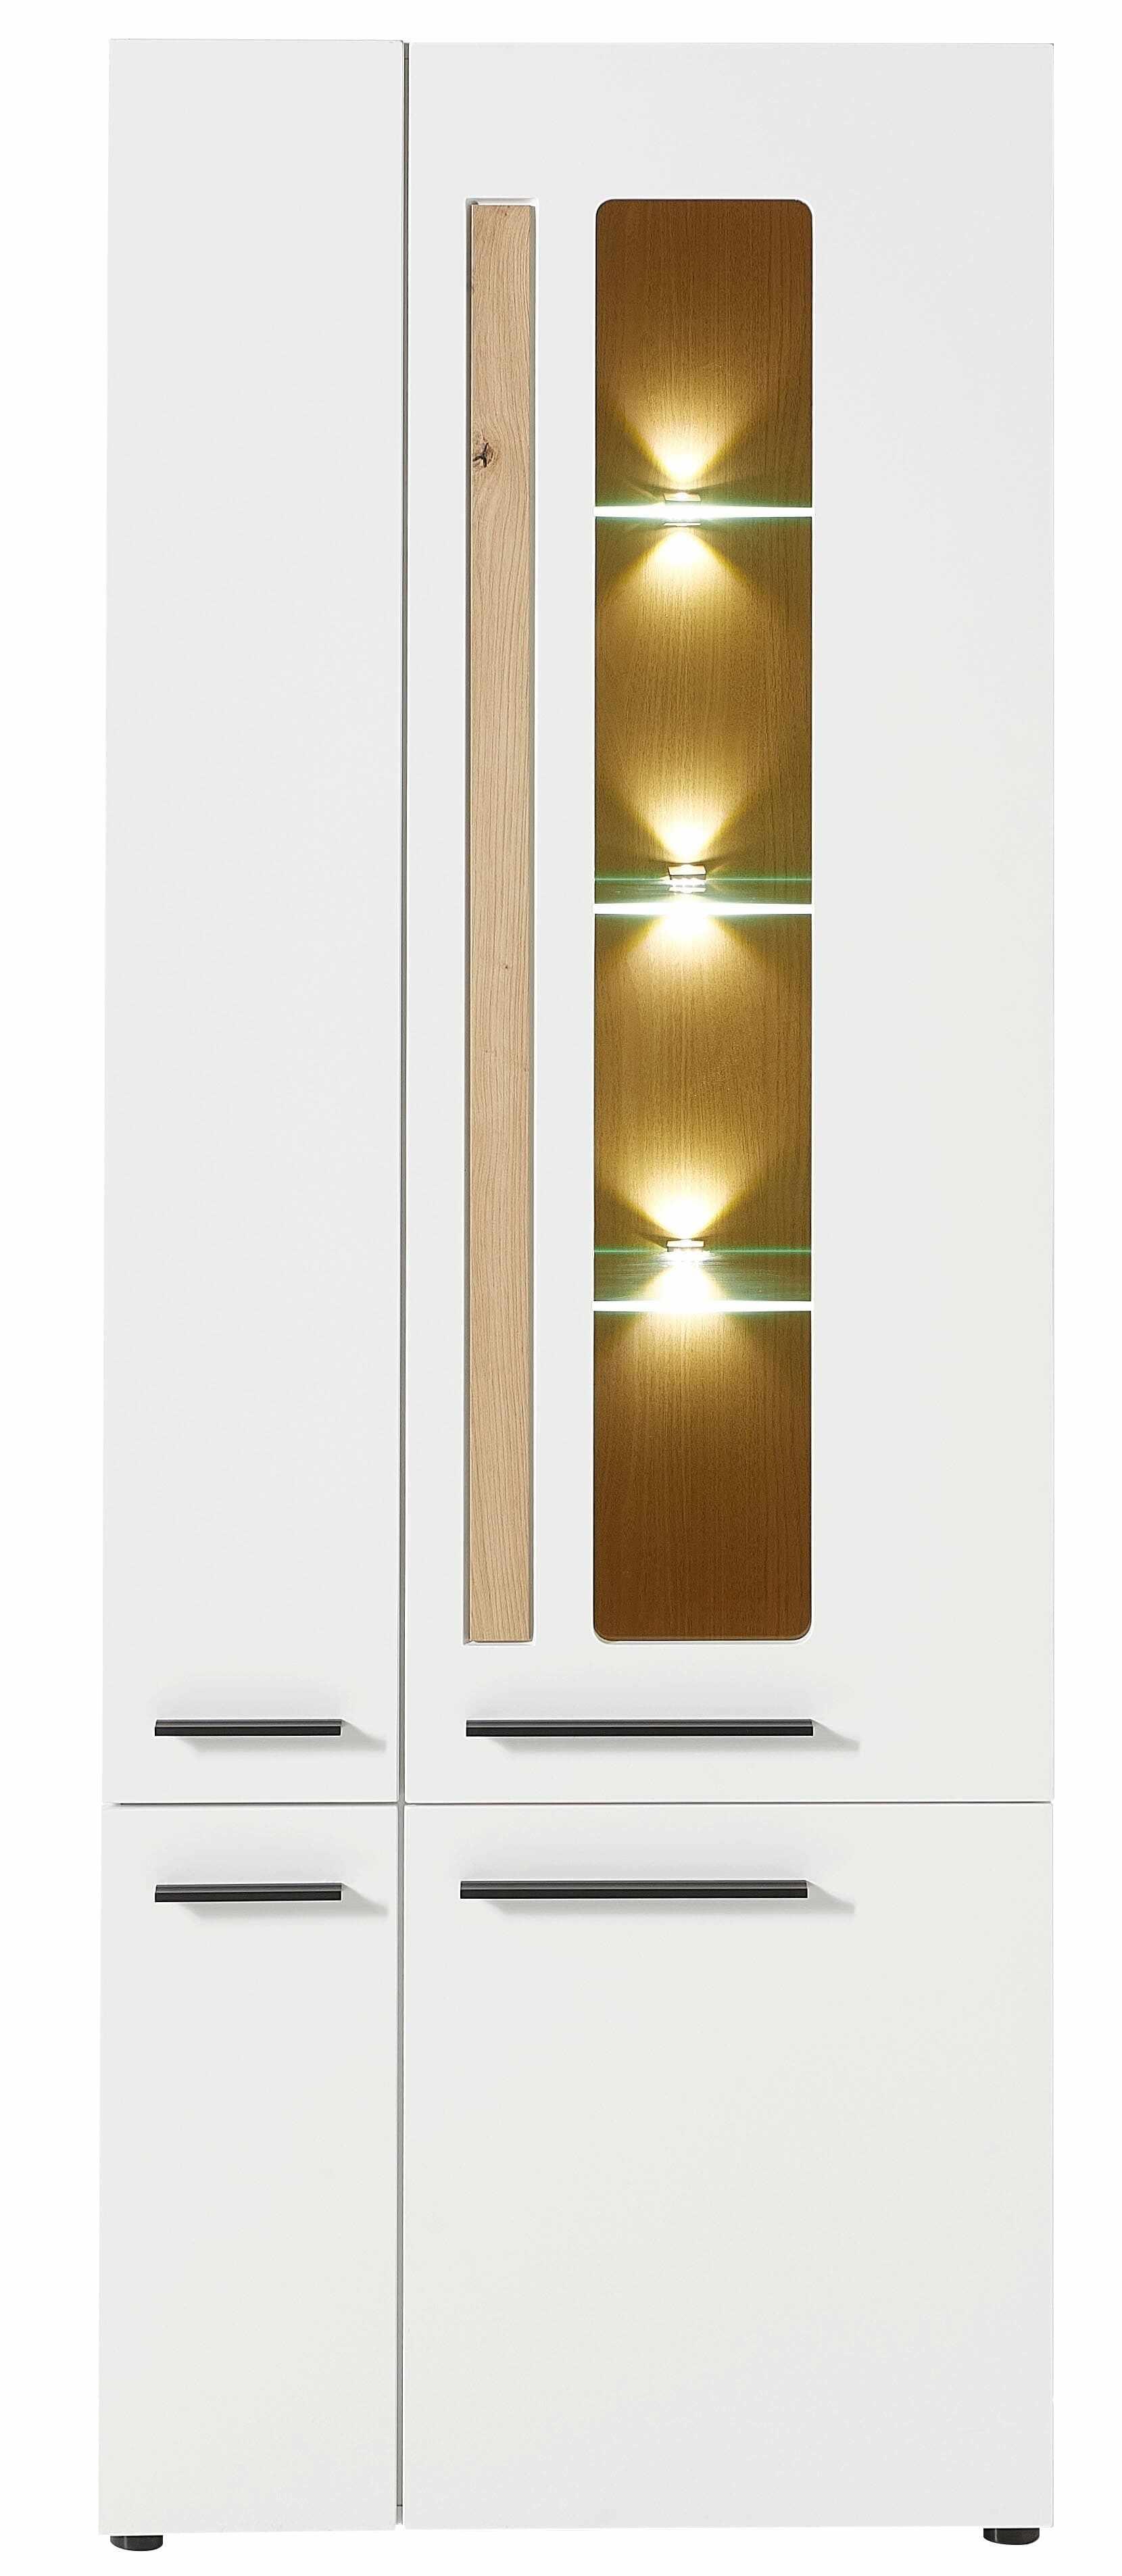 Vitrina din MDF, cu 4 usi si LED inclus Loftis Alb / Stejar, l76xA37xH201 cm la pret 2249 lei